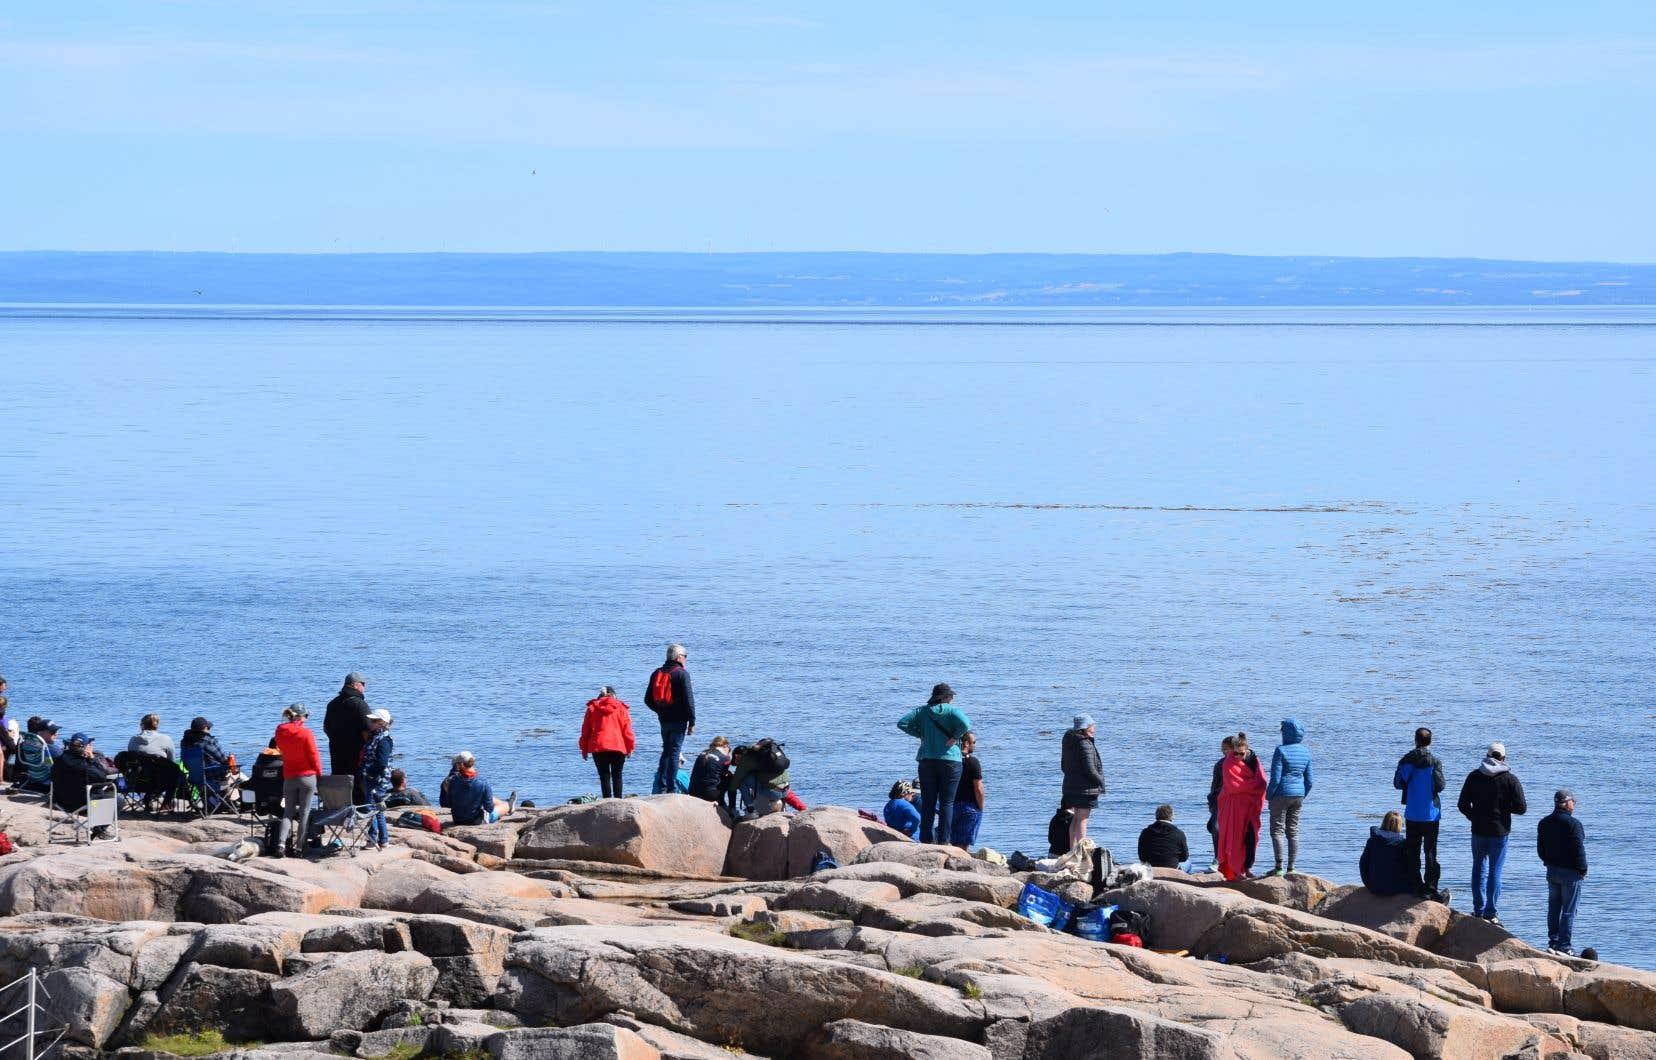 Le site fédéral de Cap-de-Bon-Désir, sur la Côte-Nord, est très fréquenté par les touristes qui veulent observer des baleines.